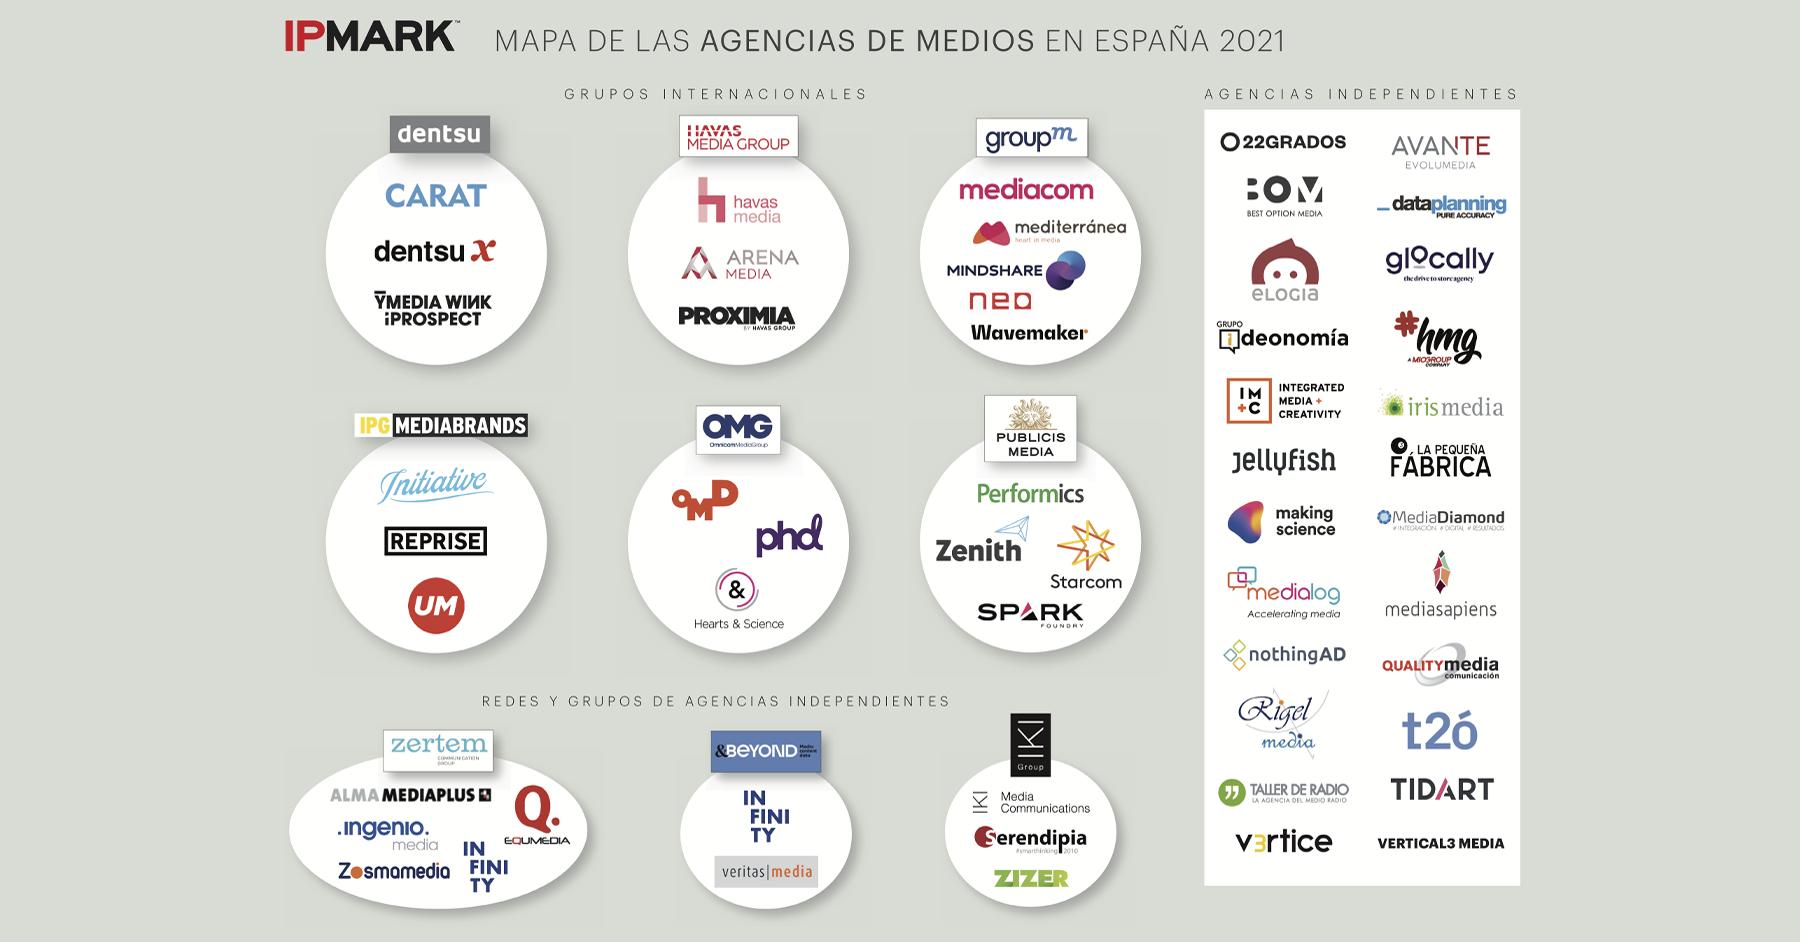 22GRADOS, entre las principales agencias de medios  incluidas en el mapa de Medios de 2021 de IPMark